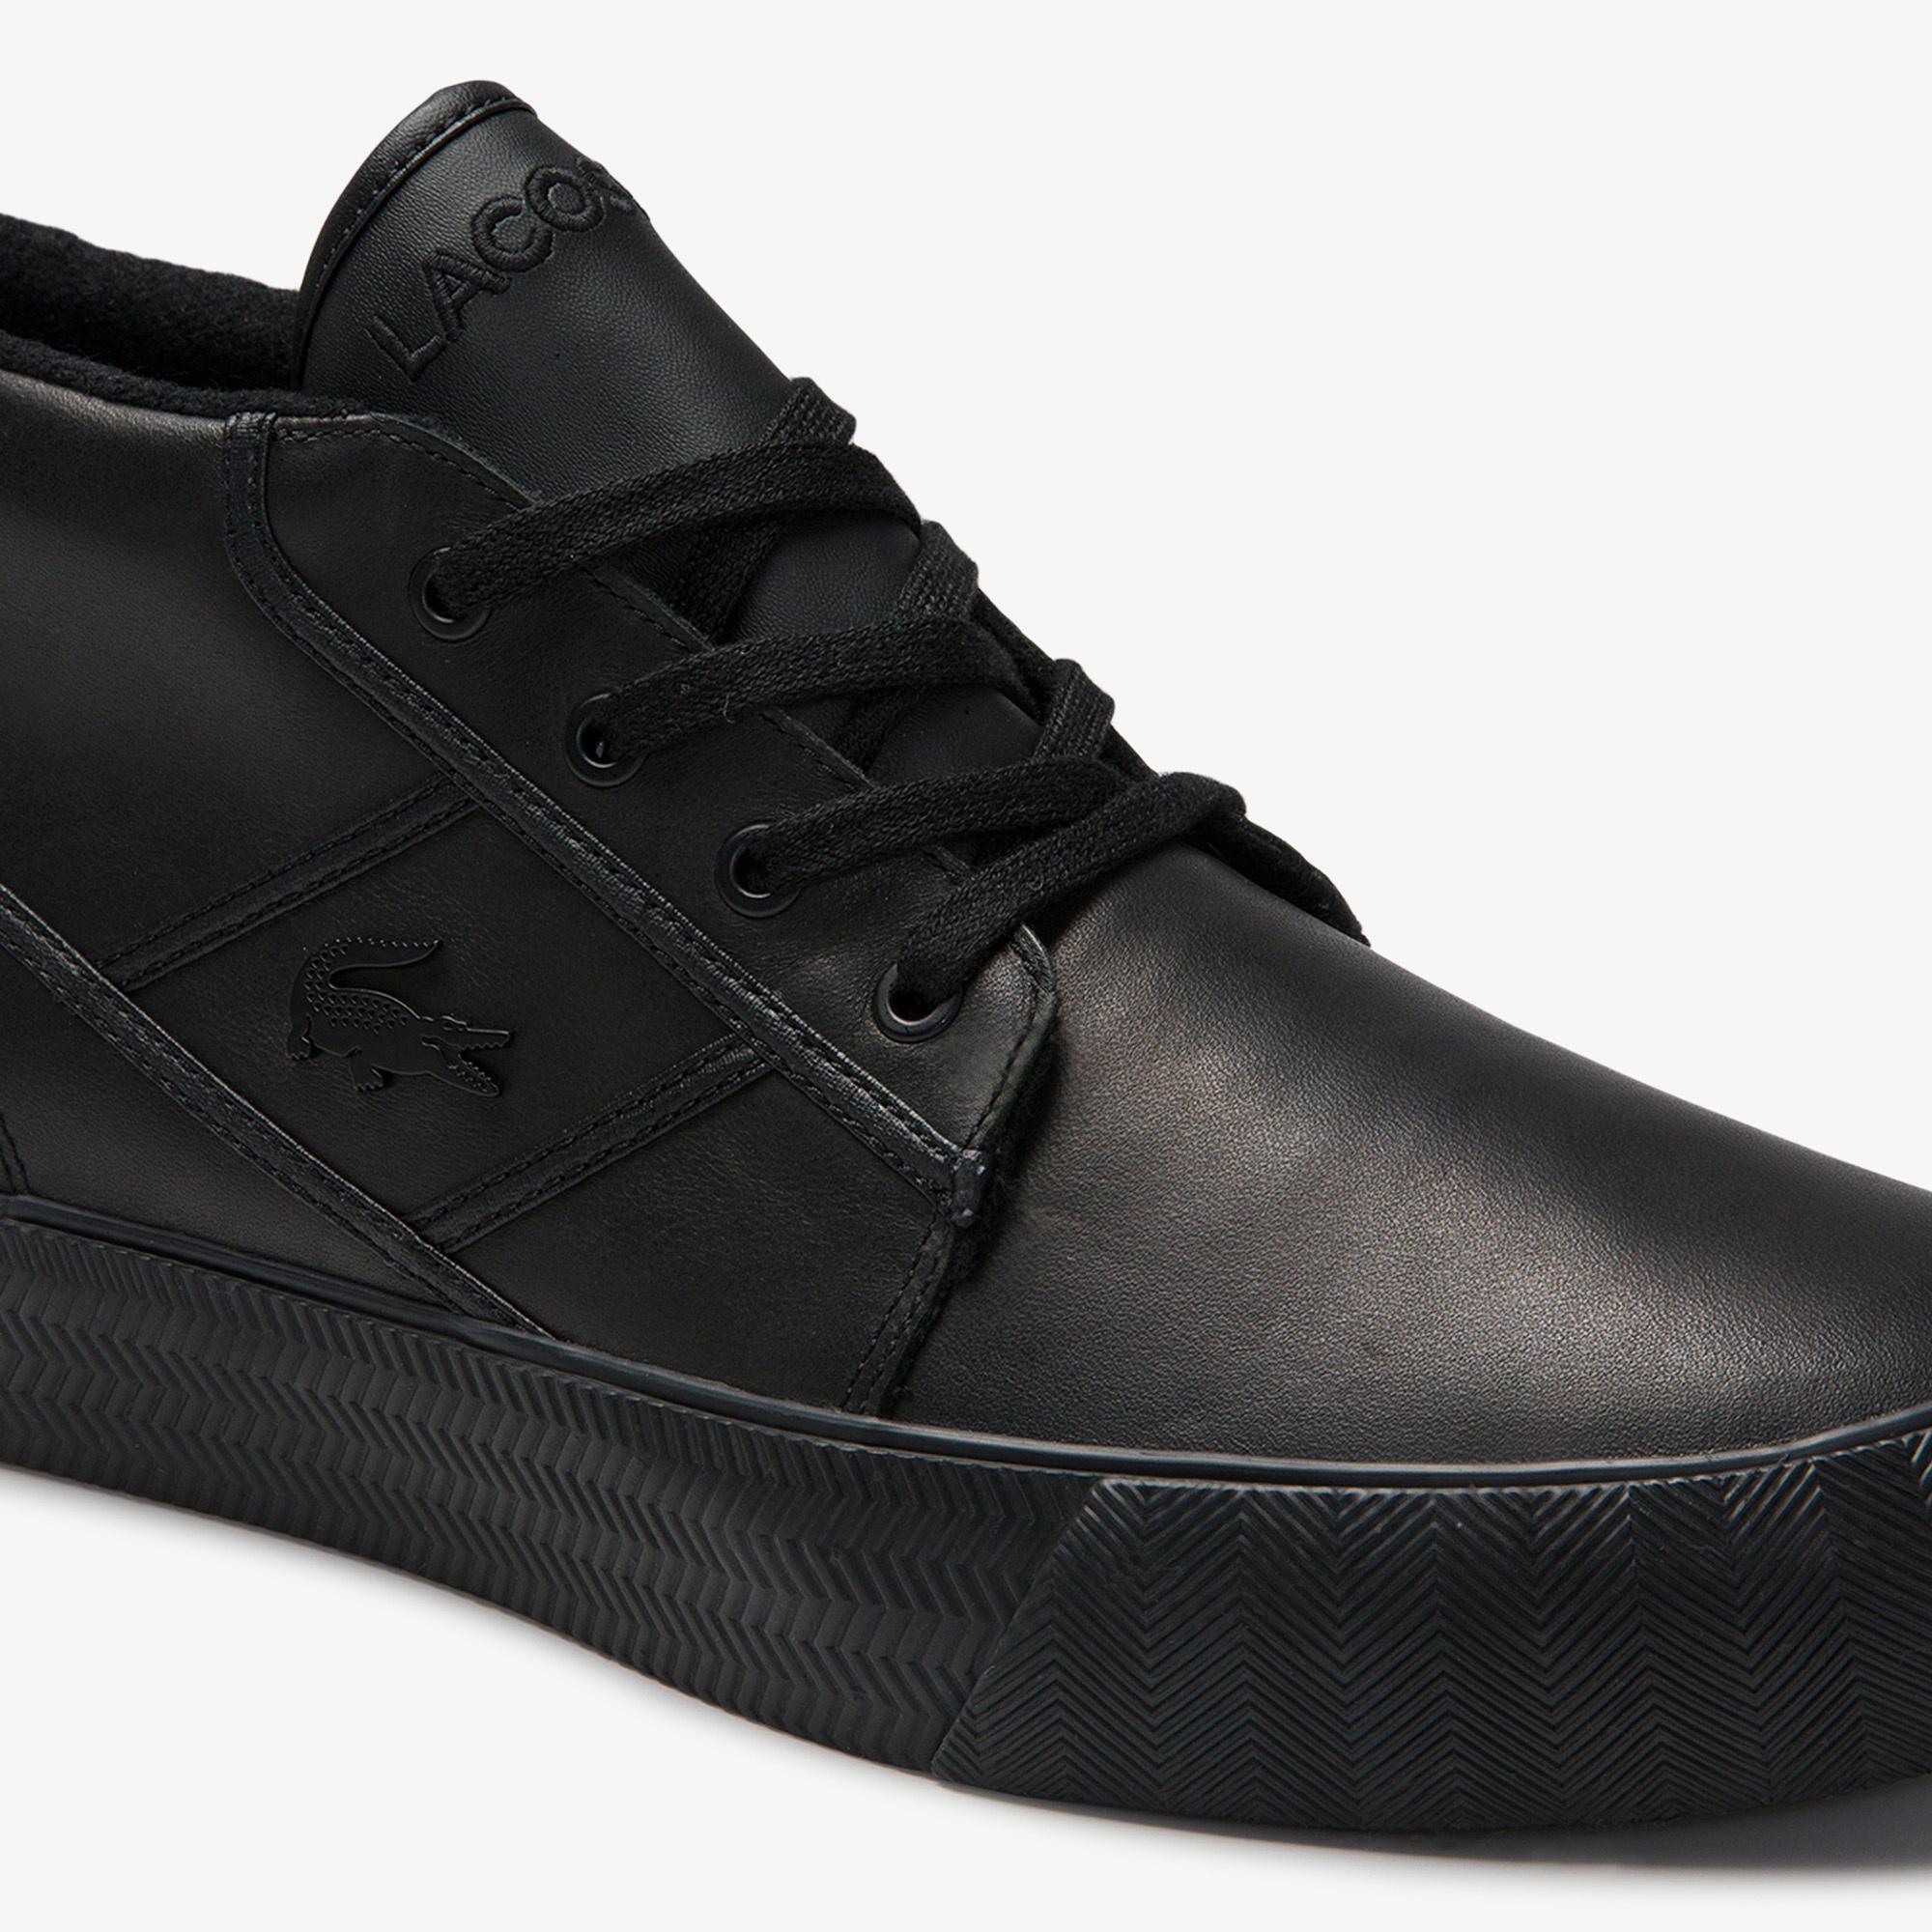 Lacoste черевики чоловічі Gripshot